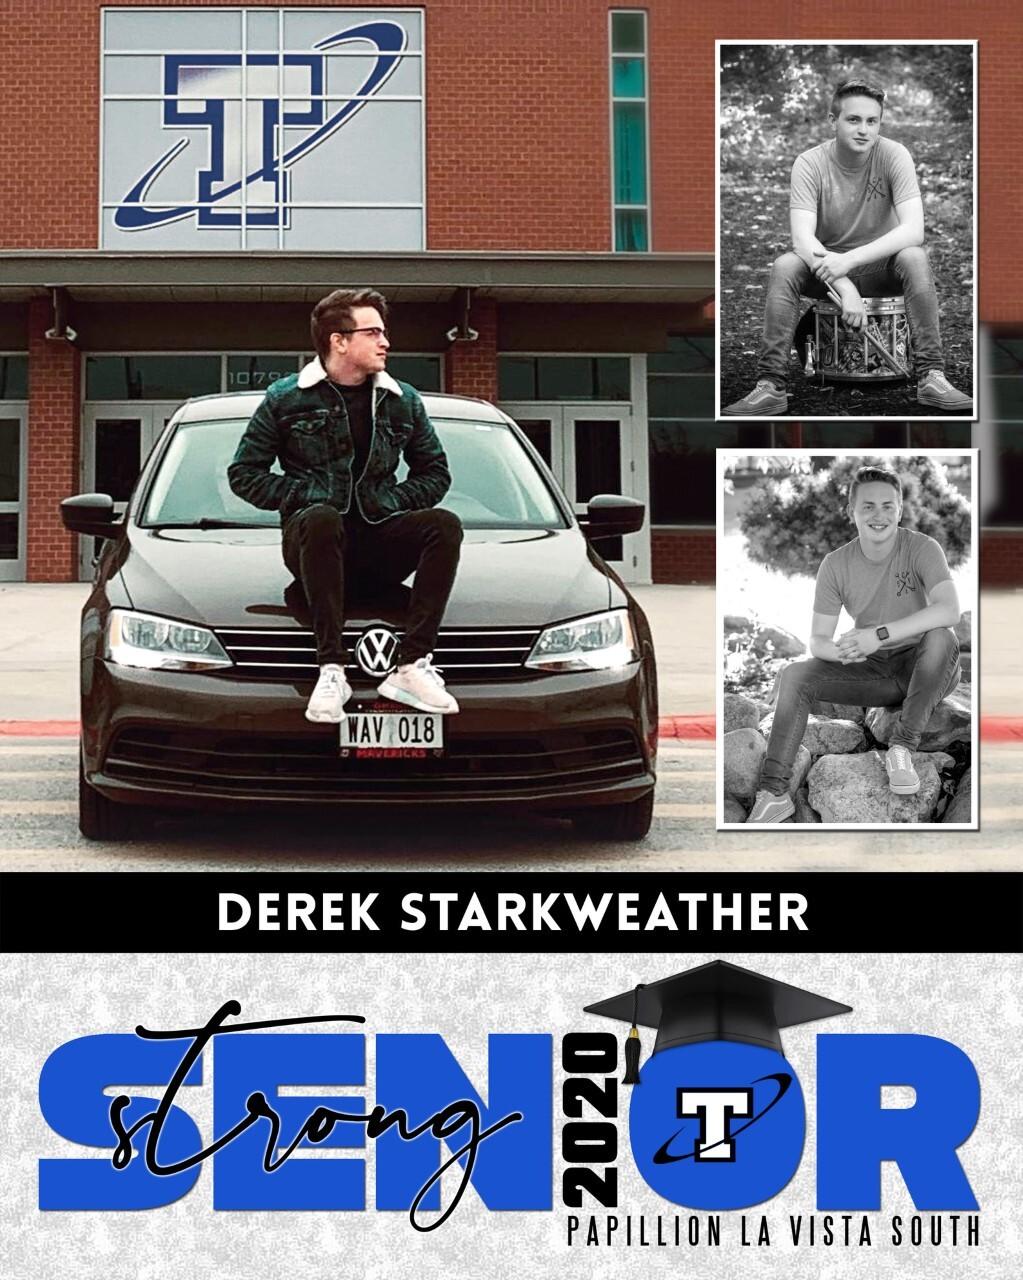 Derek A Starkweather.jpg